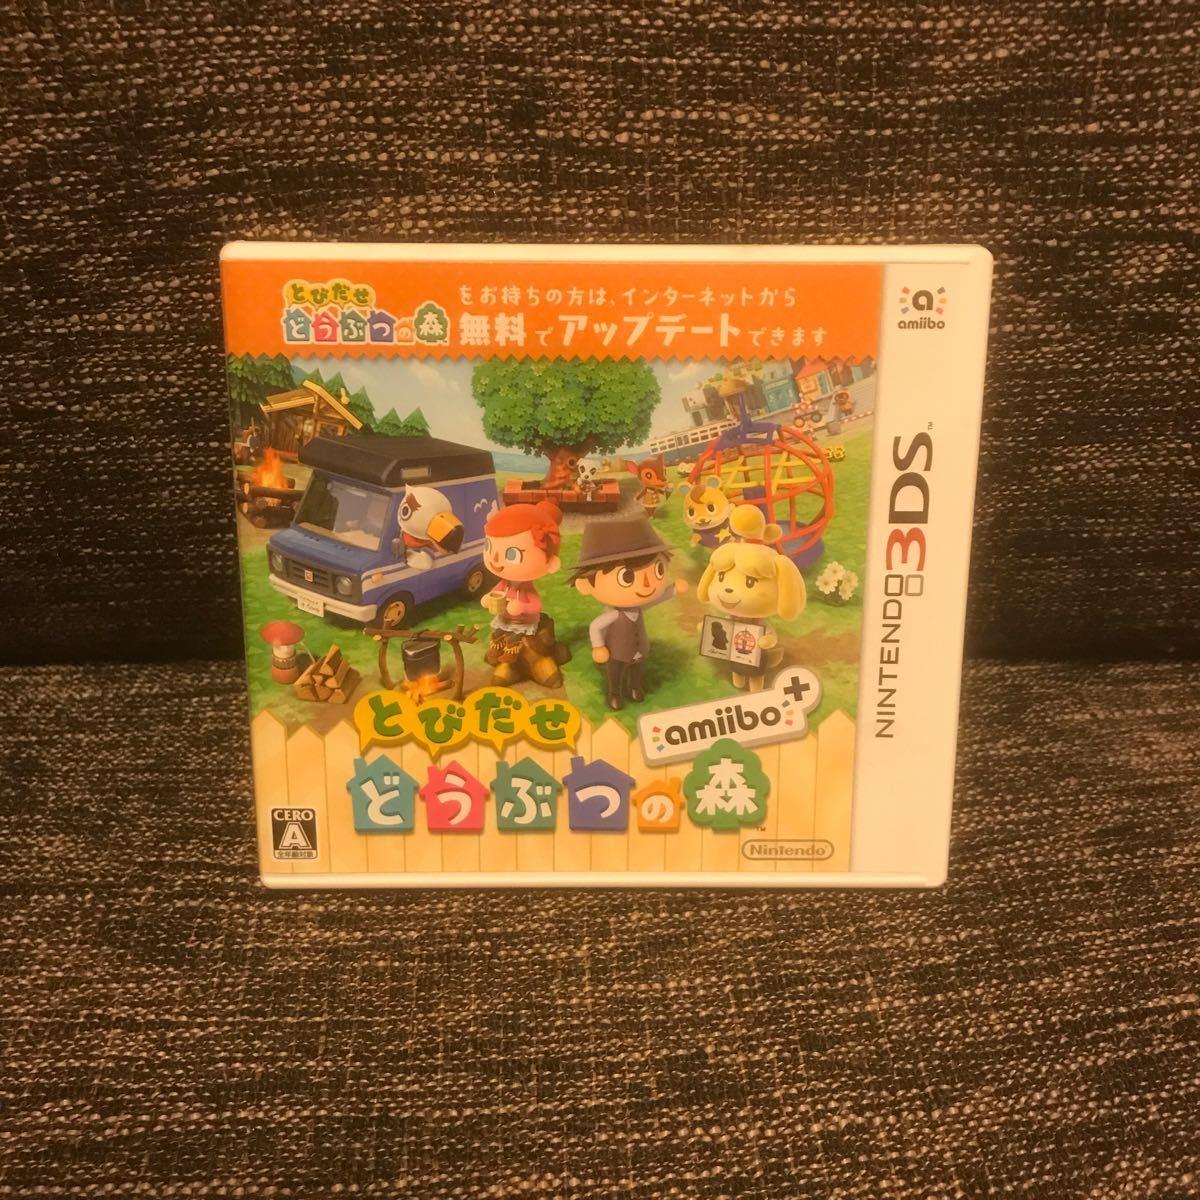 【3DS】 とびだせ どうぶつの森 amiibo+